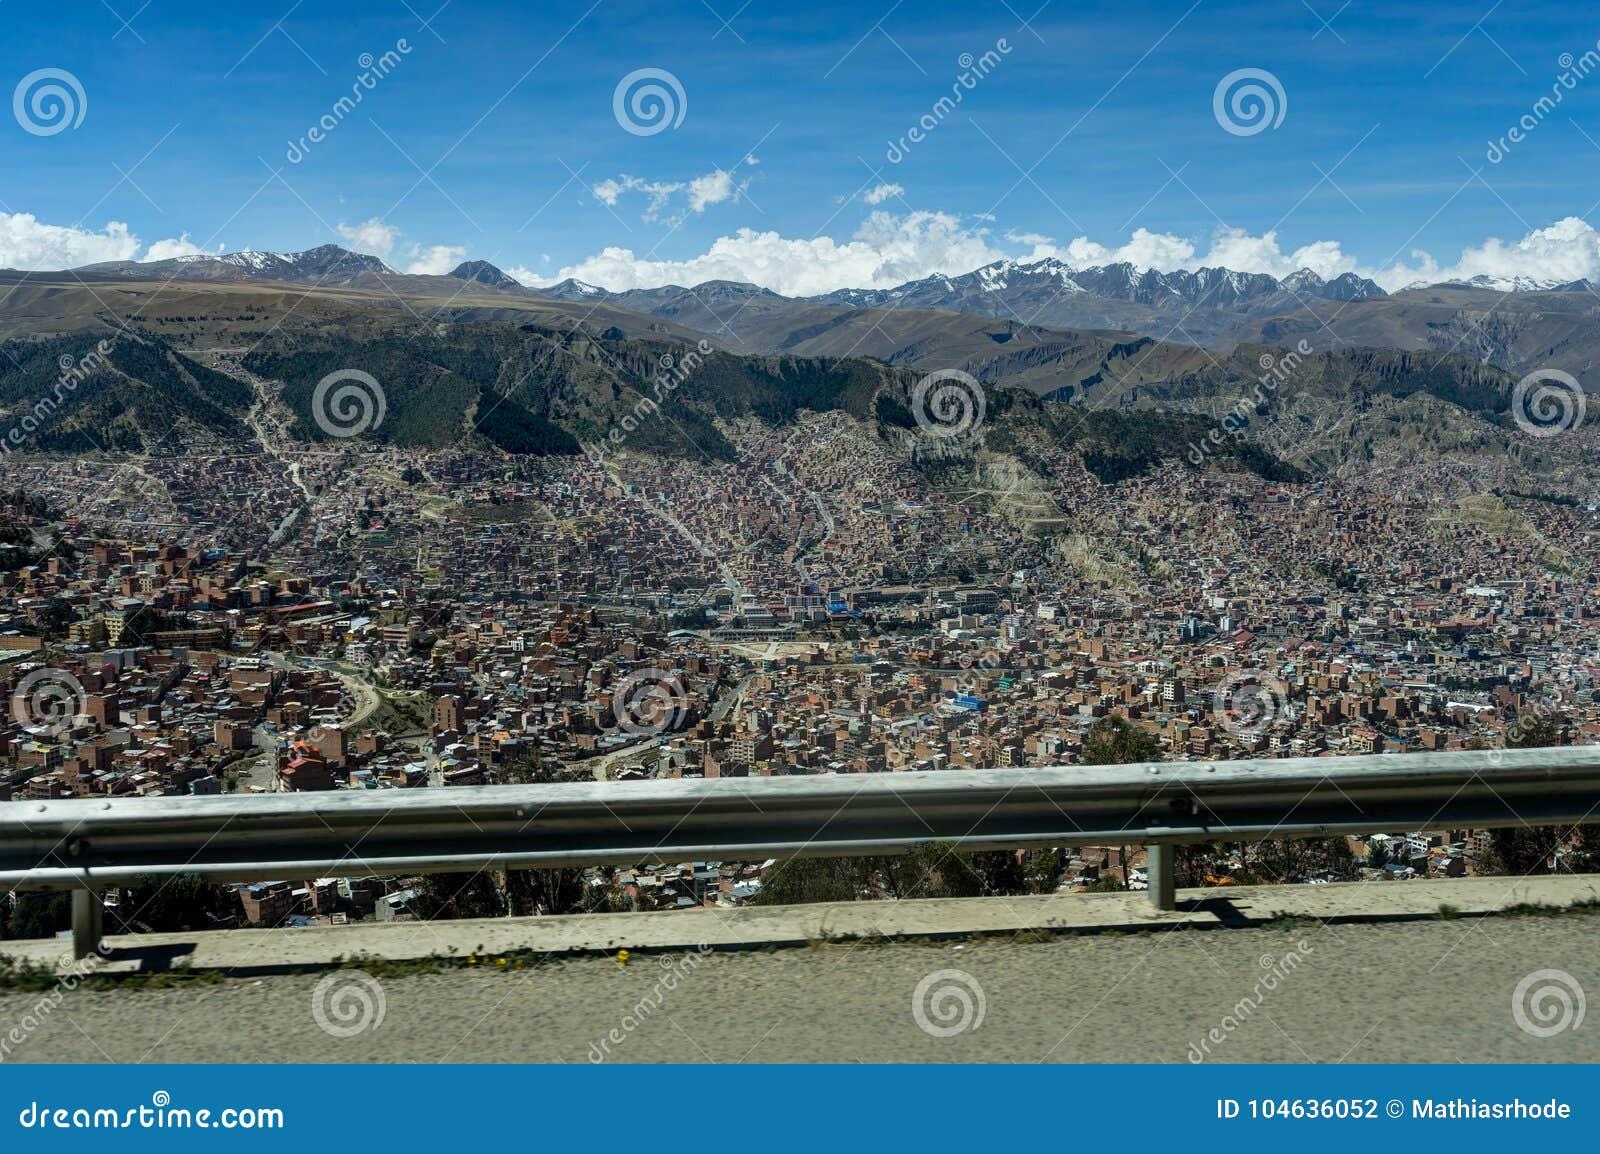 Download Mening Over La Paz Bolivia Van Straat Stock Foto - Afbeelding bestaande uit norm, kapitaal: 104636052